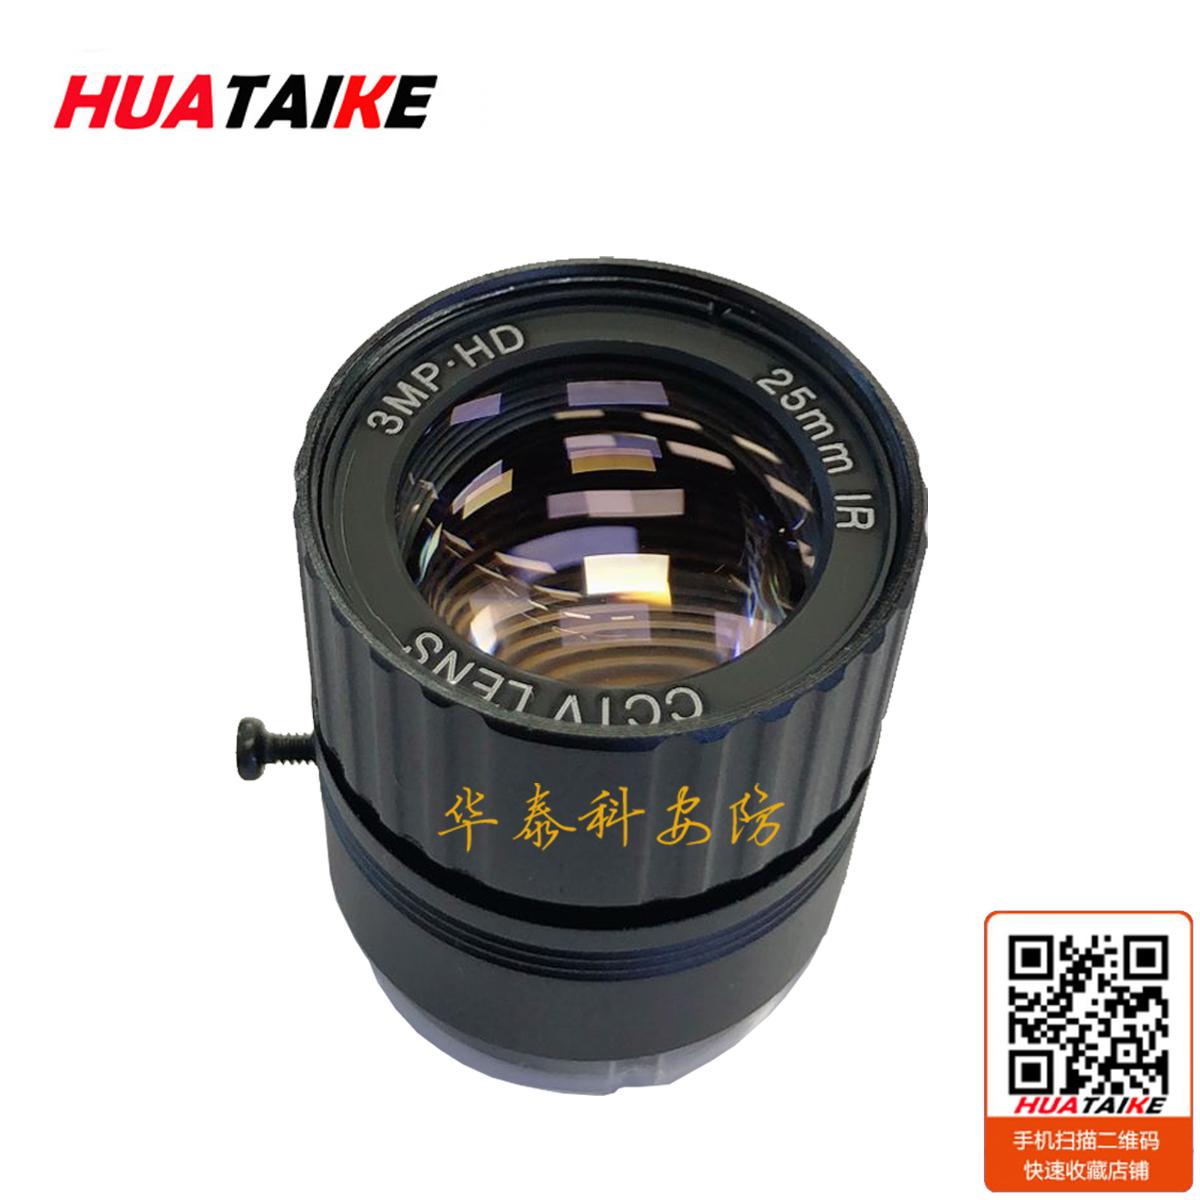 华泰科监控配件 大镜头 摄像头配件 高清摄像机金属 定焦25mm CS